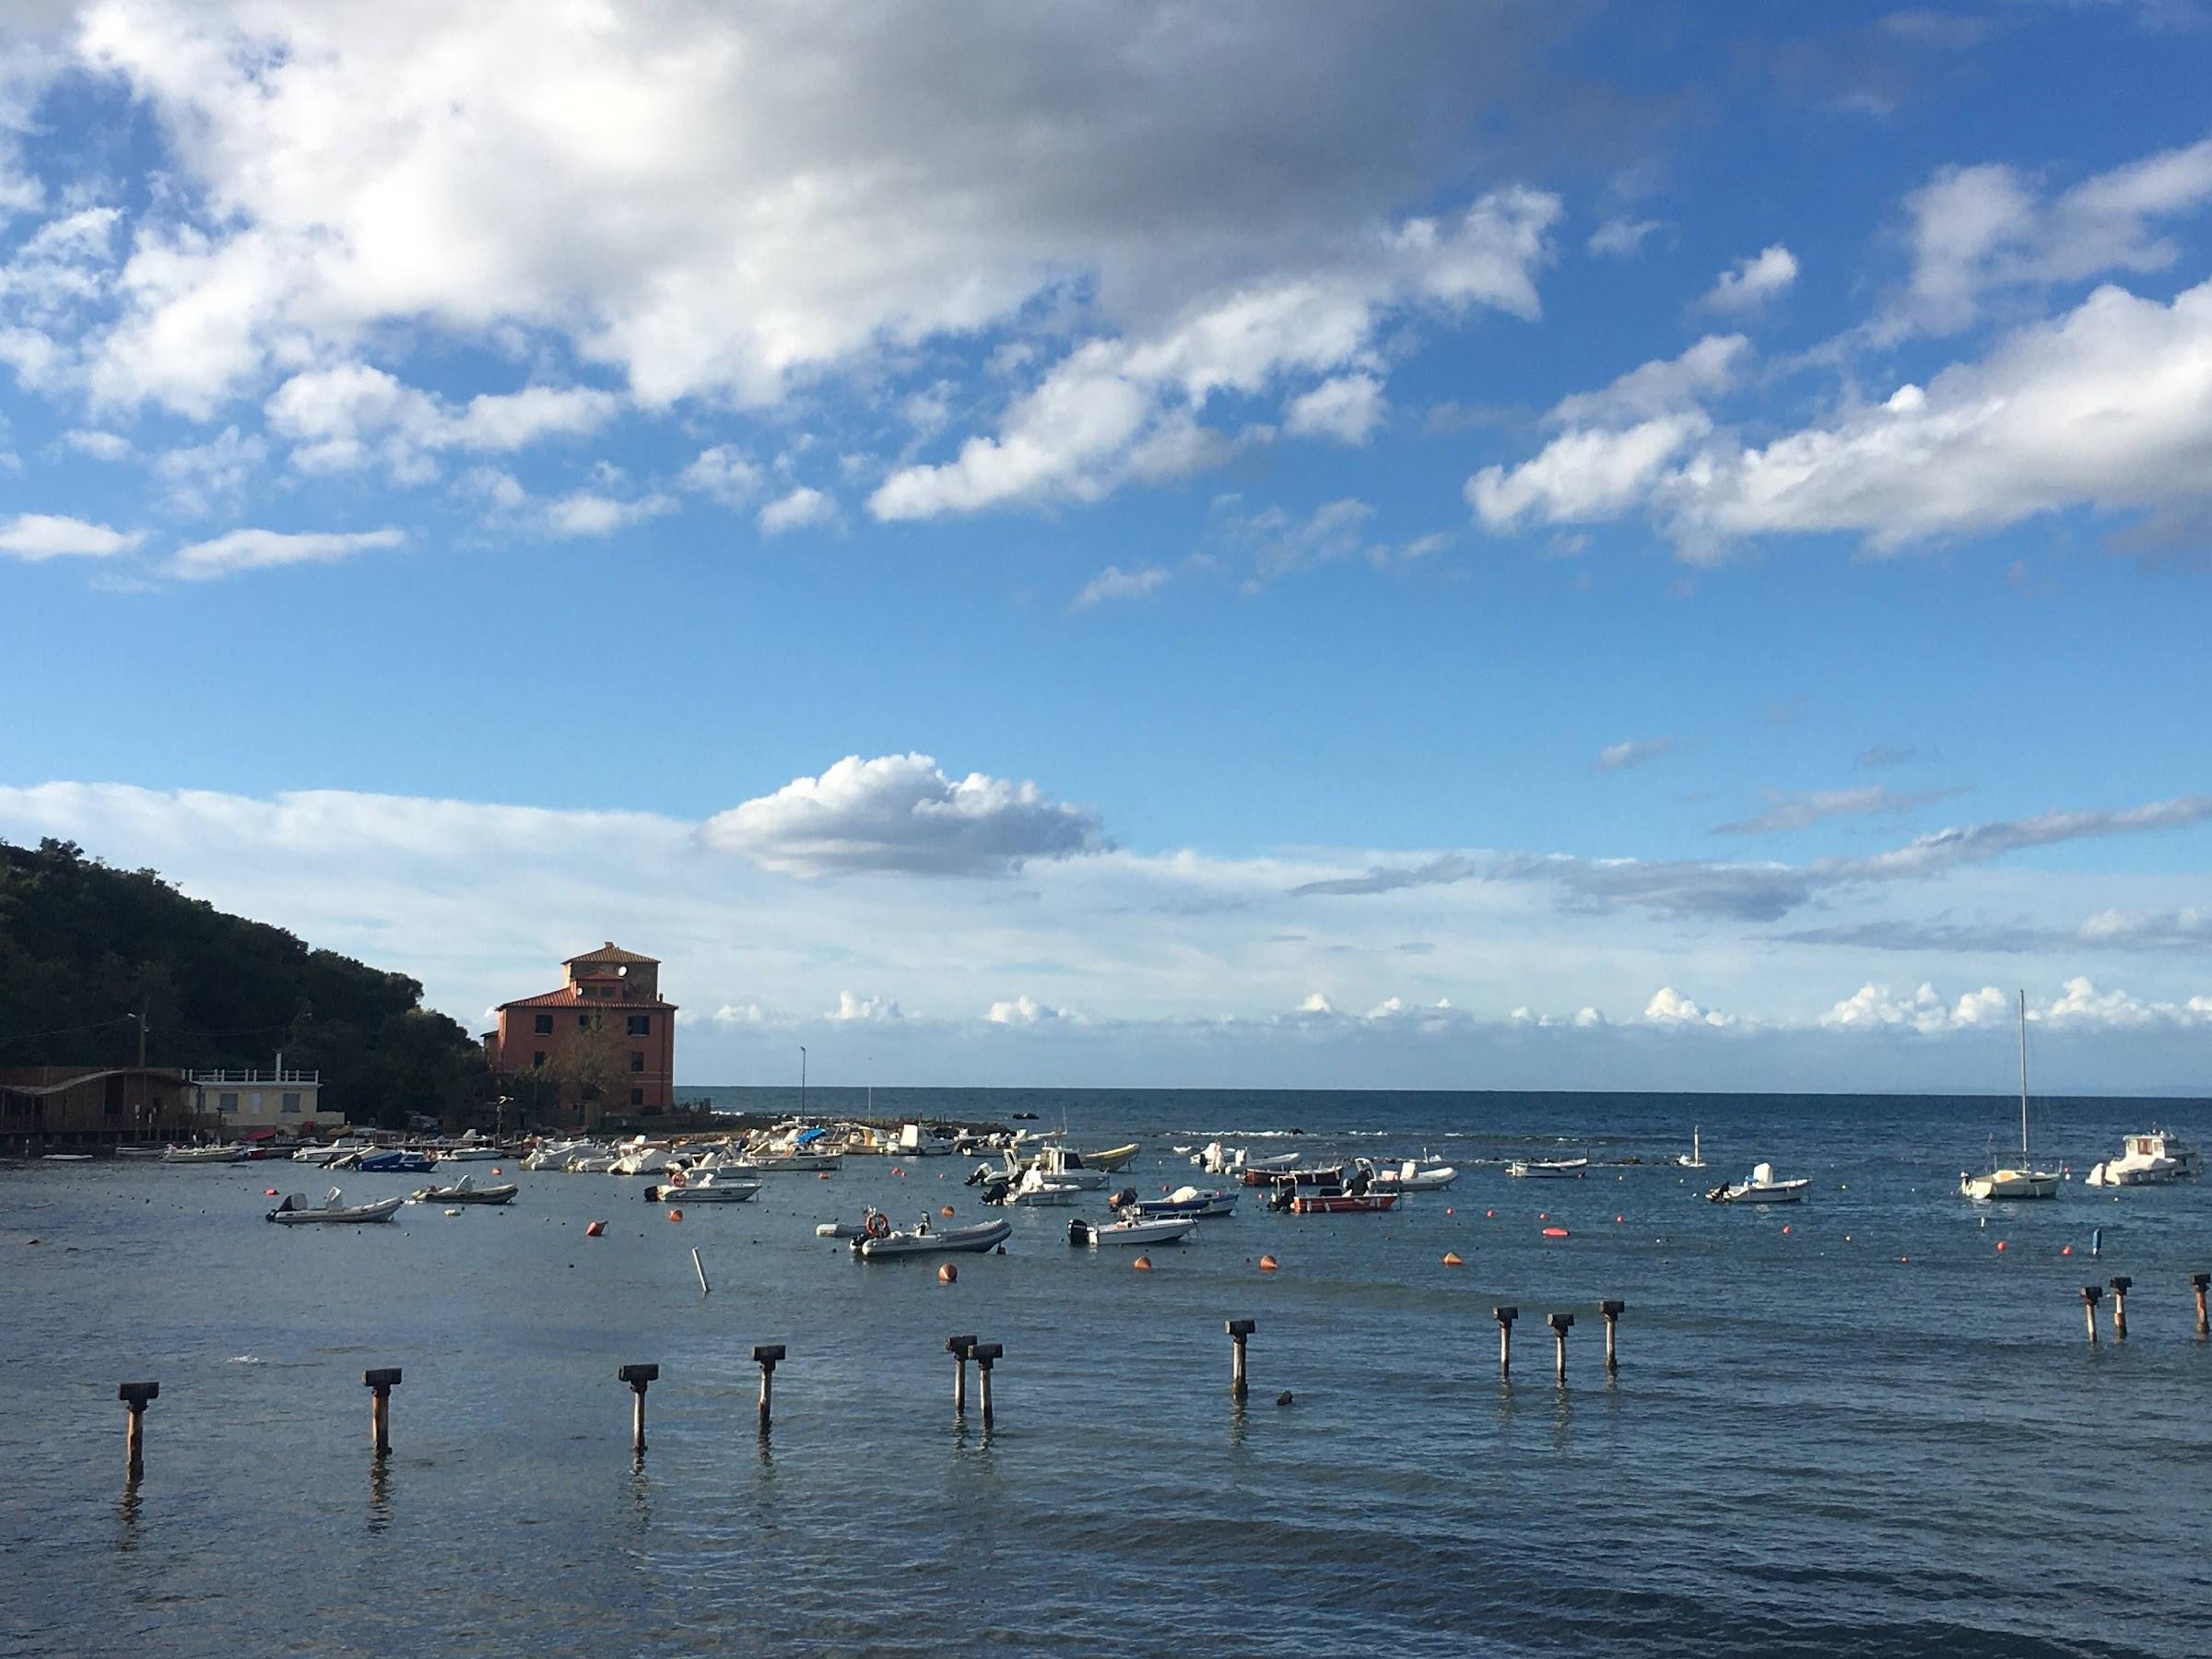 Porto di Baratti, Costa degli Etruschi, Toscana